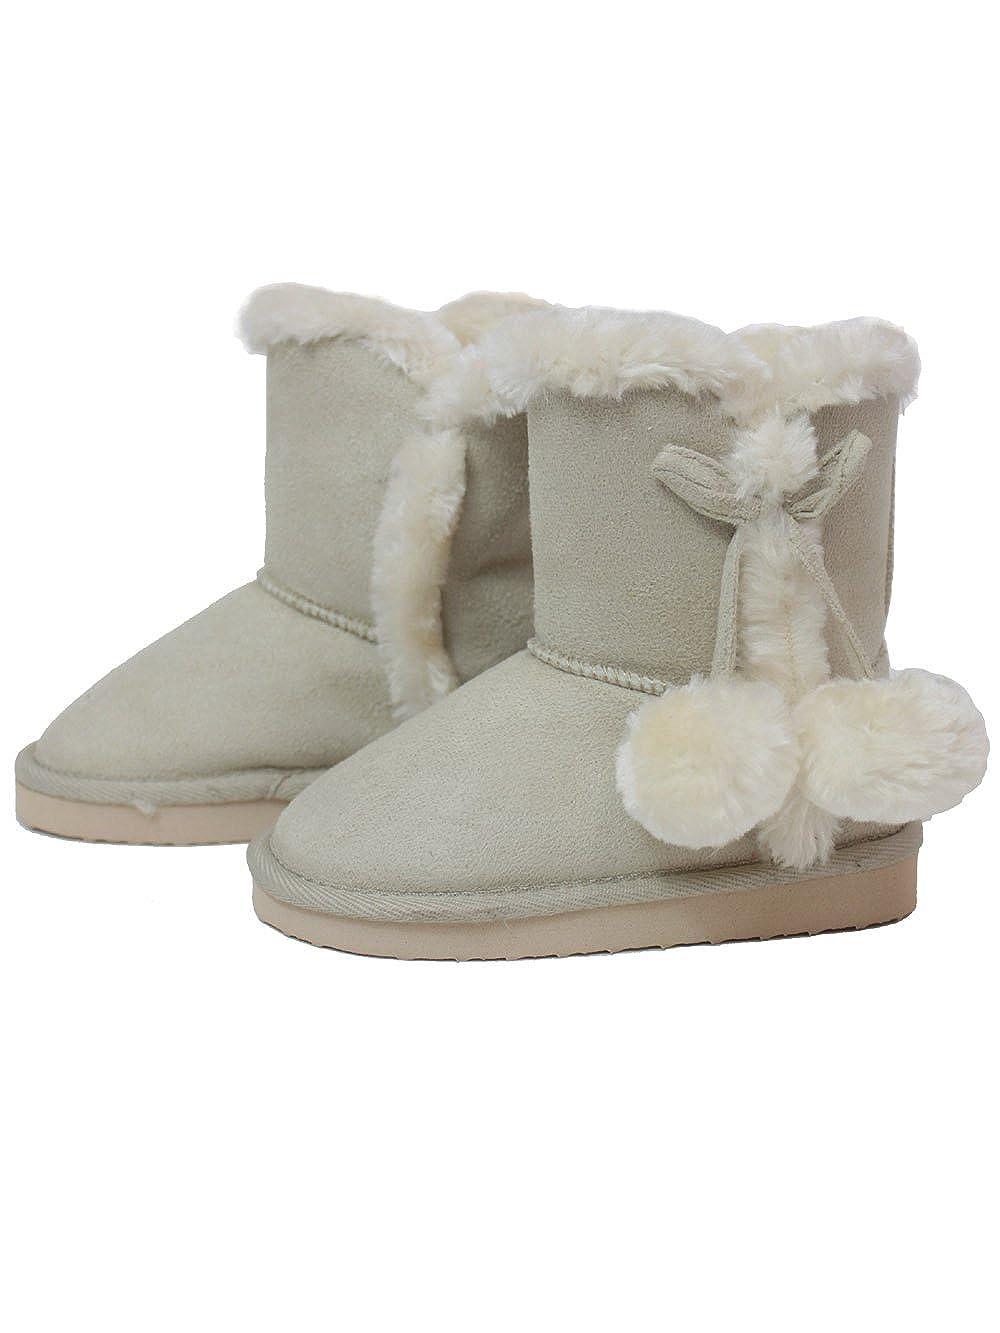 Amazon.co.jp: 【bt3-3532/bt4-3007 子供 ボンボン付ムートンブーツ 女の子 靴 ジュニア スノーブーツ ふわふわ】: Amazonファッション:通販